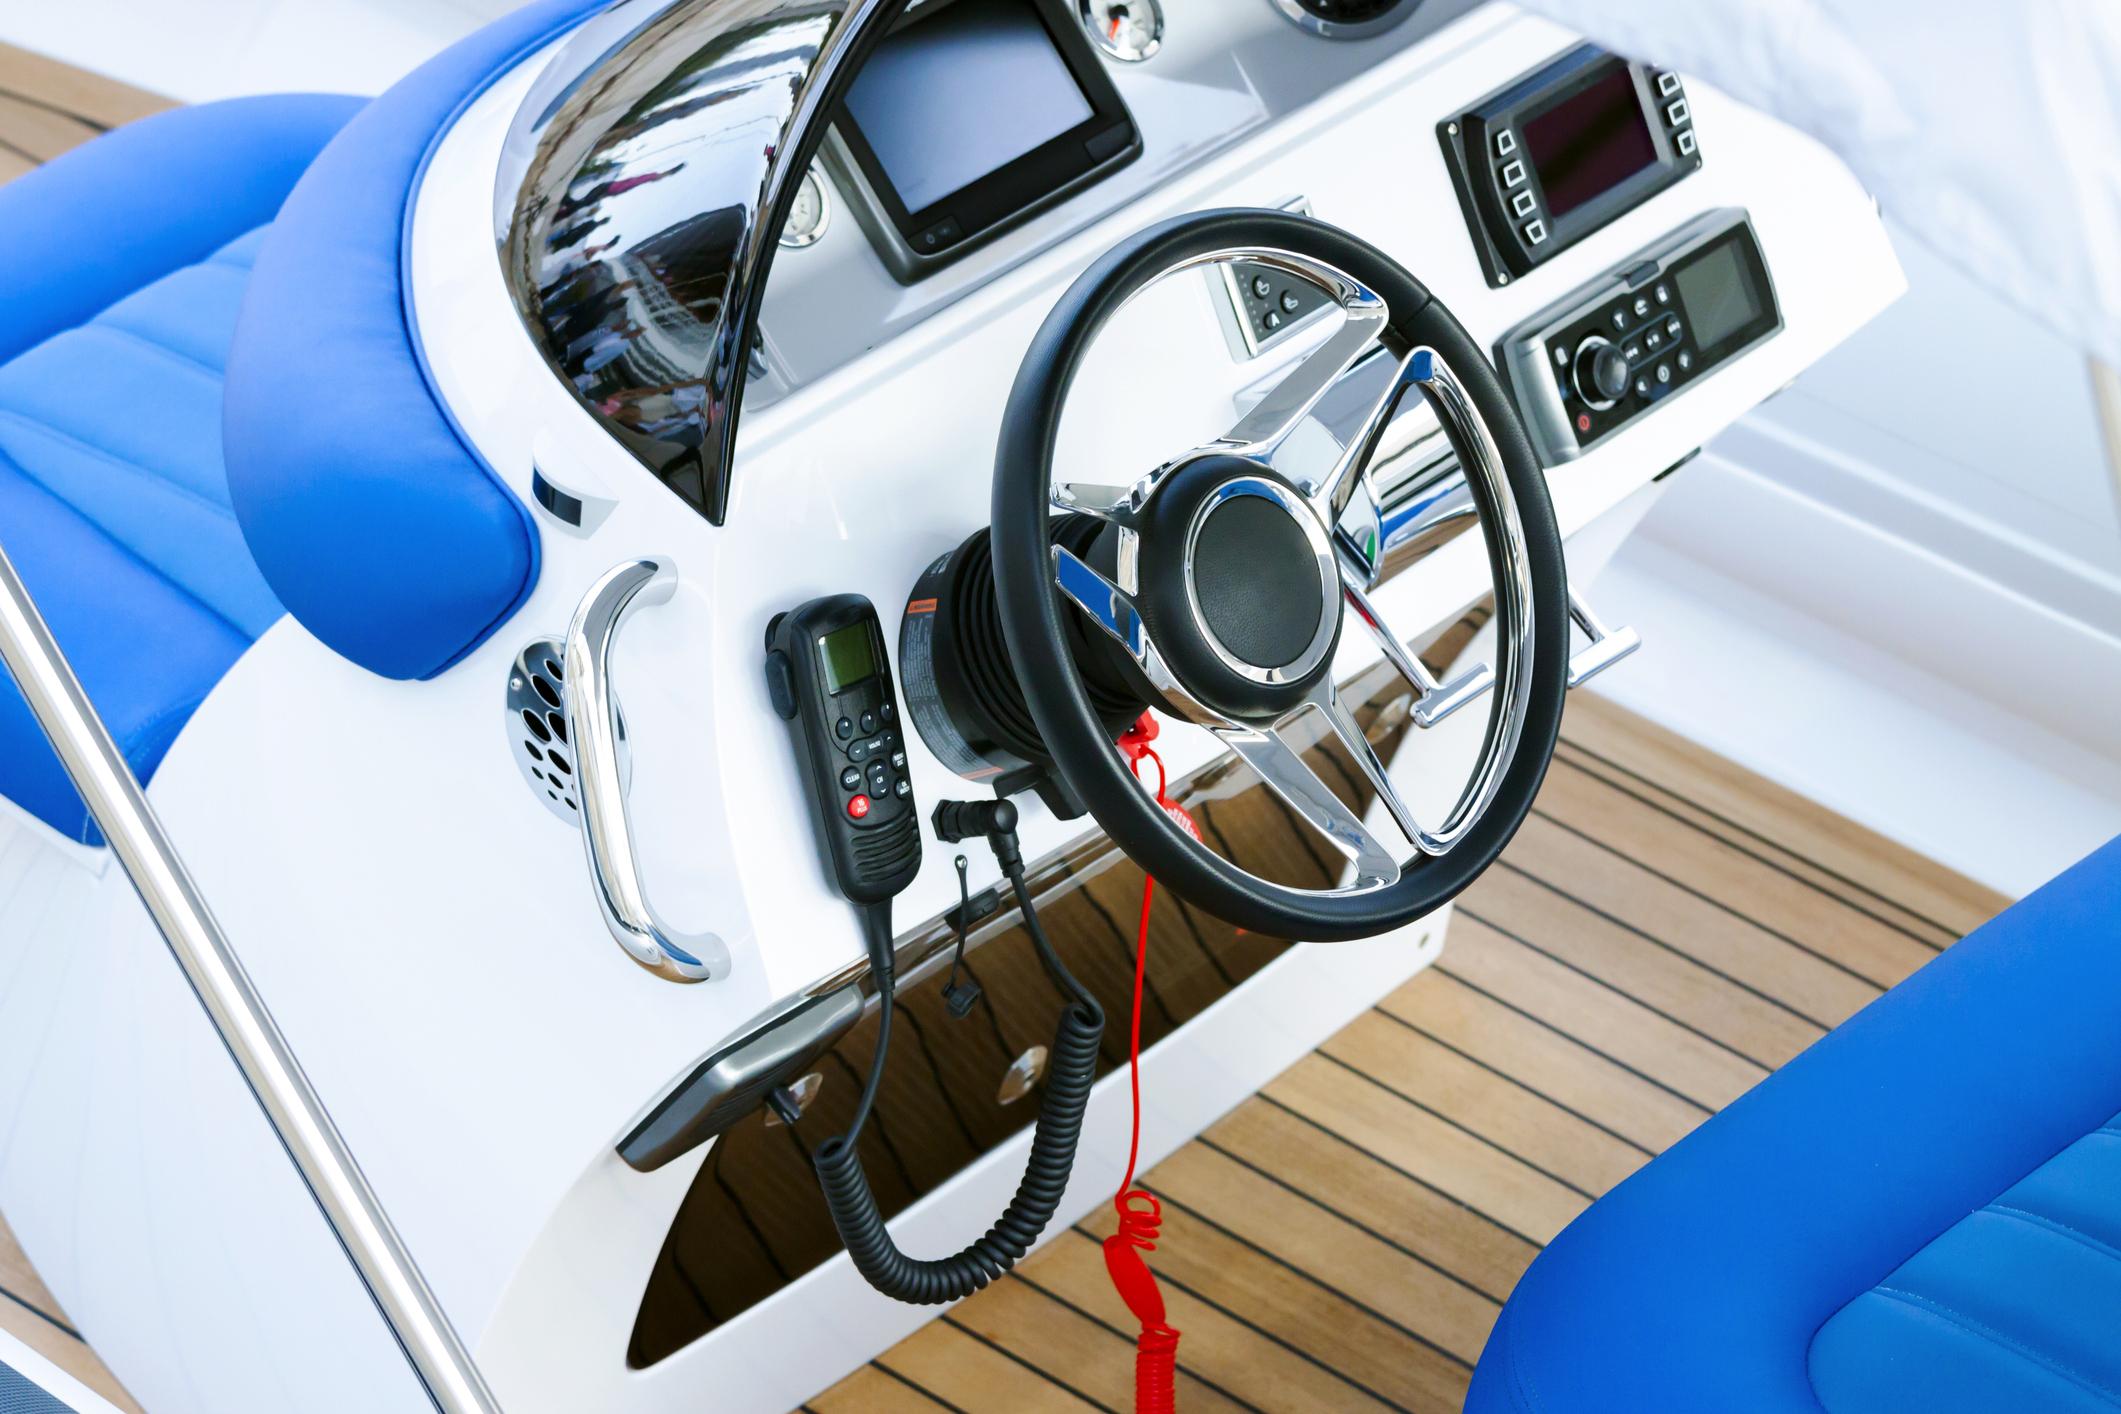 Hva bør man huske på når man kjøper båt